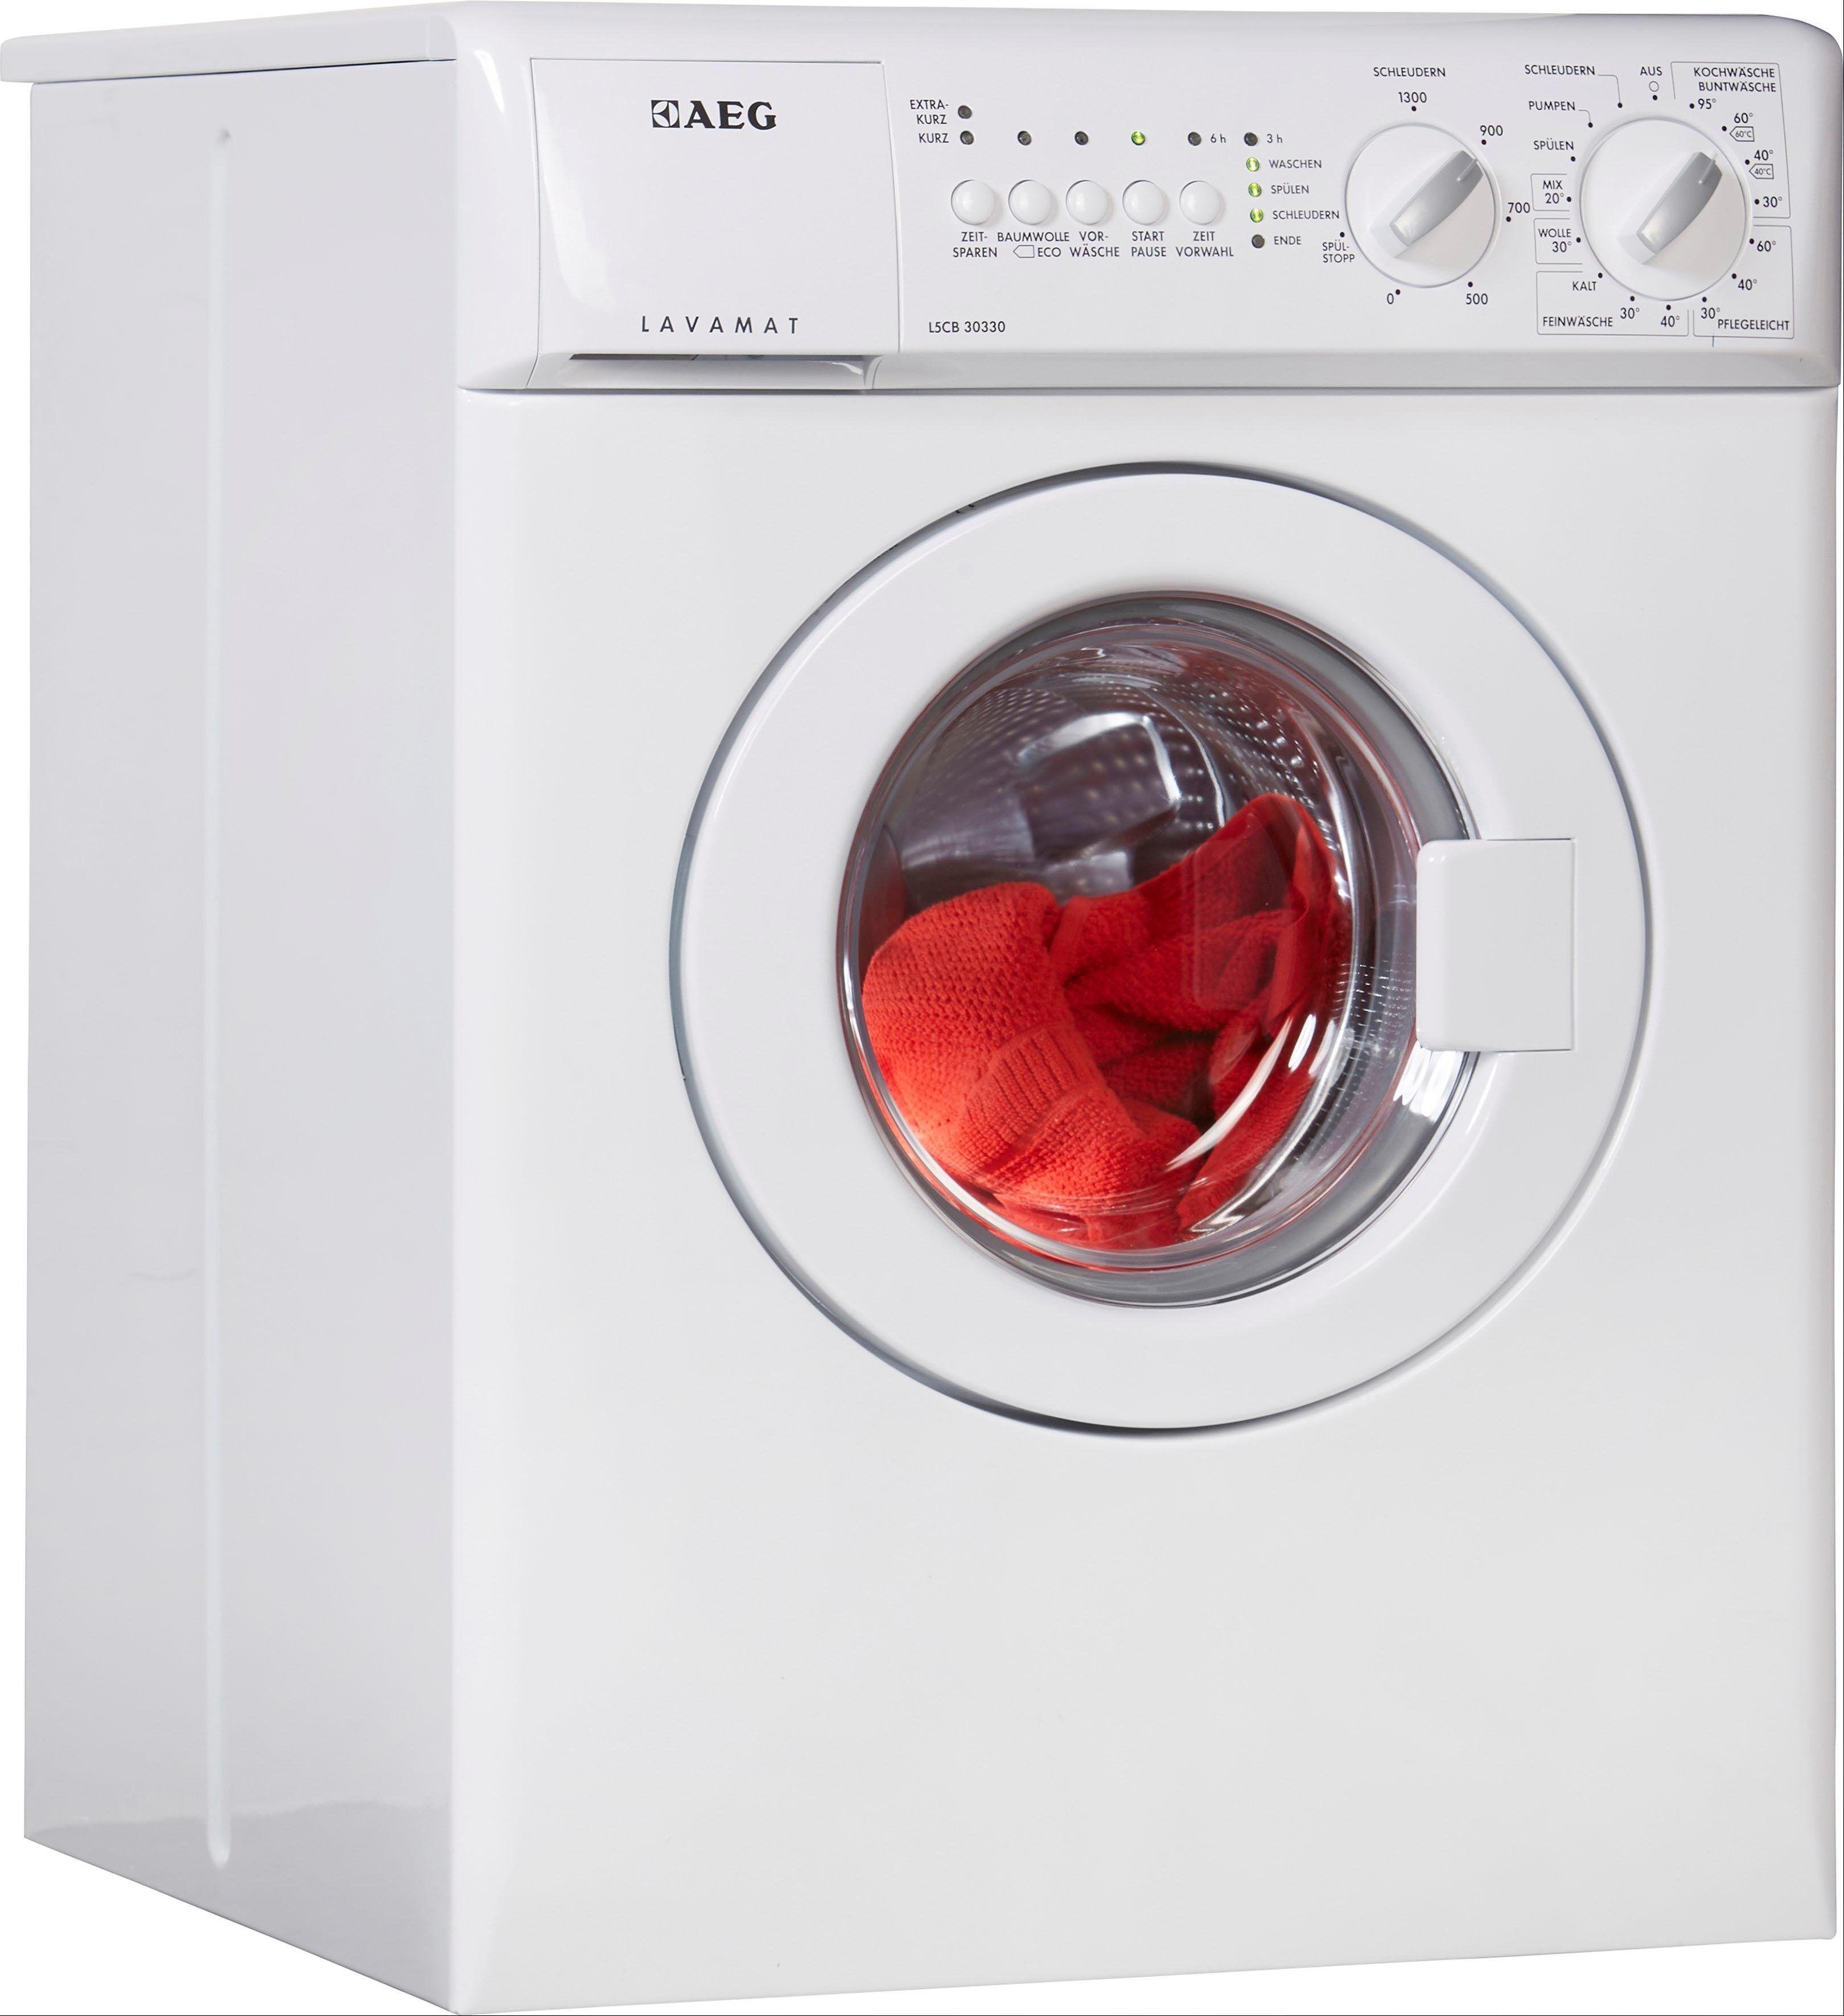 AEG Waschmaschine L5CB30330, 3 kg, 1300 U/Min, nur 515 mm tief, Energieeffizienzklasse A